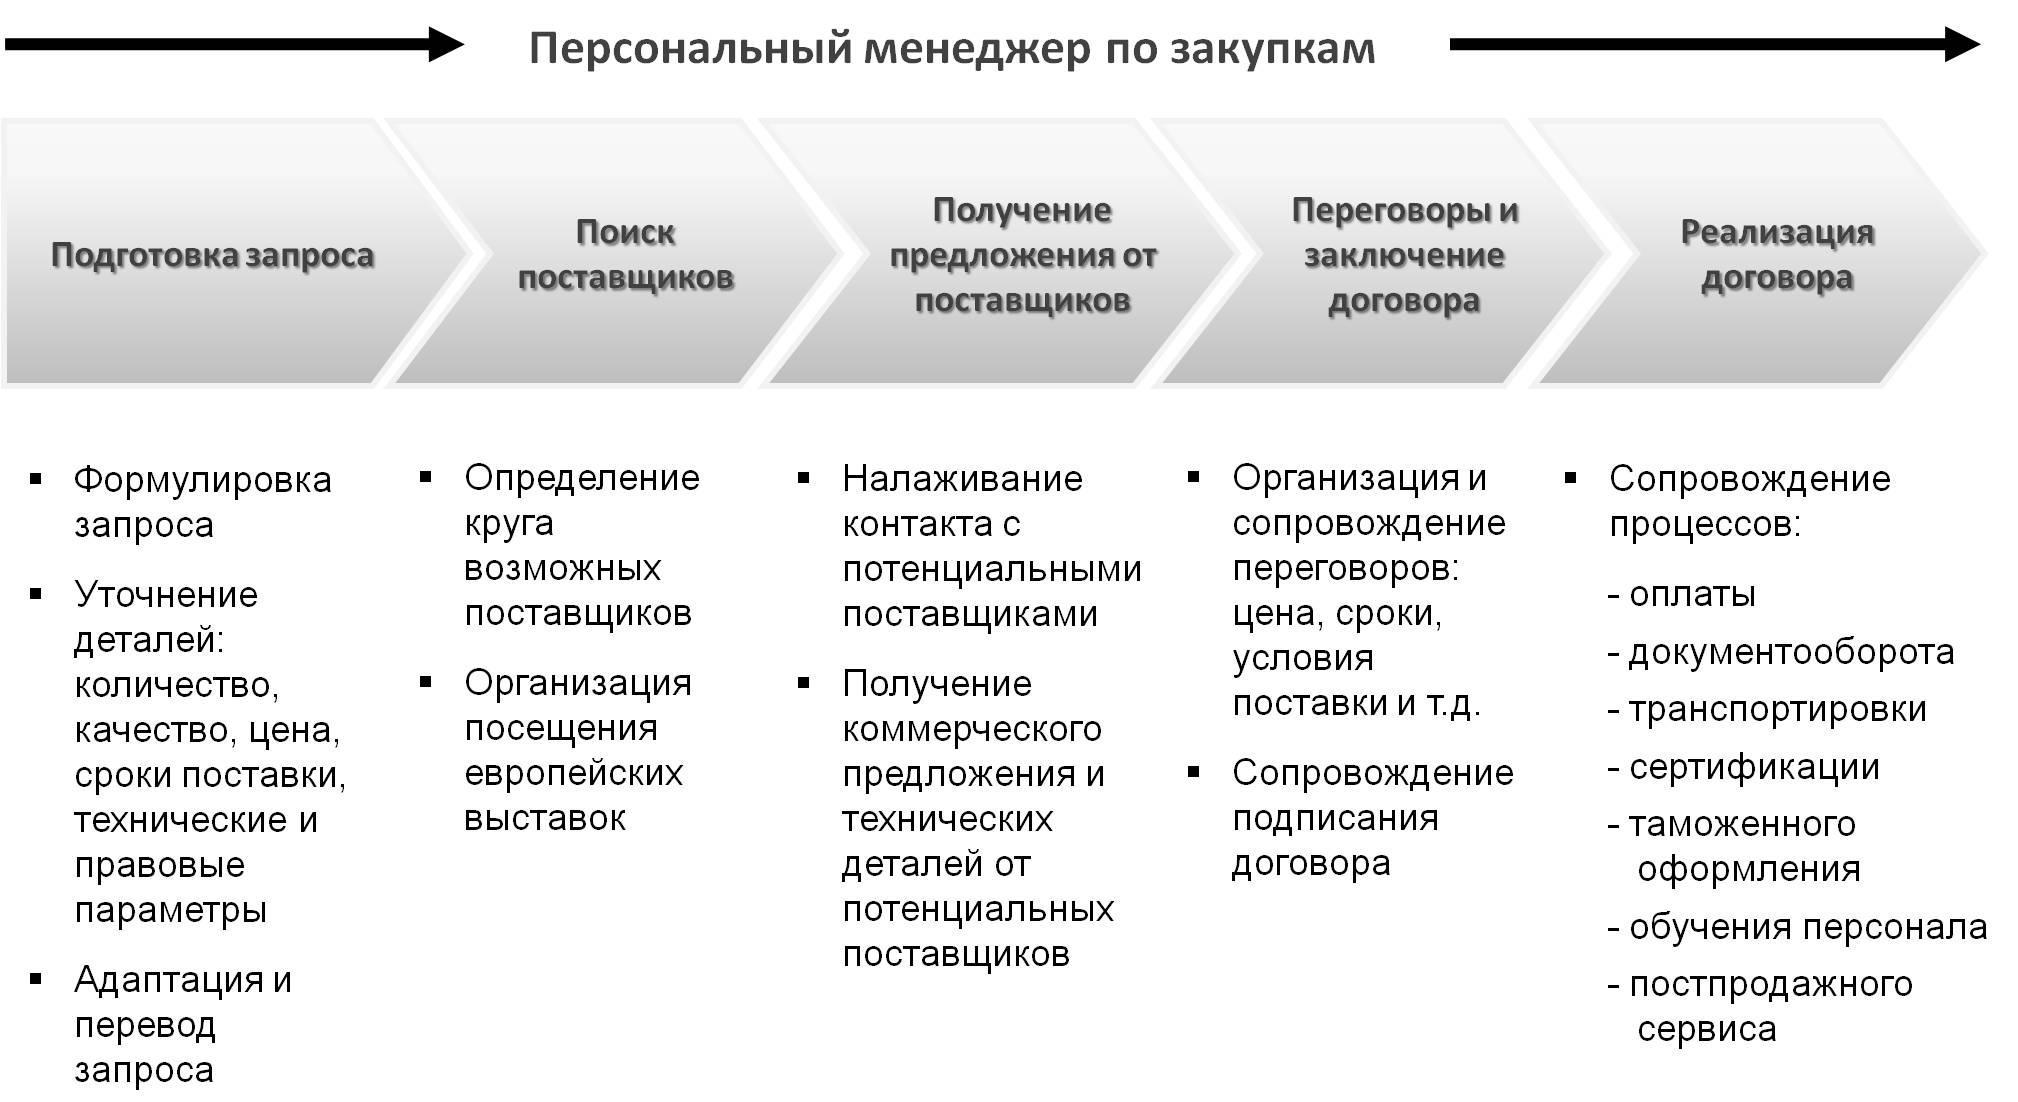 Процесс организации закупок в виде схемы «Закупки»